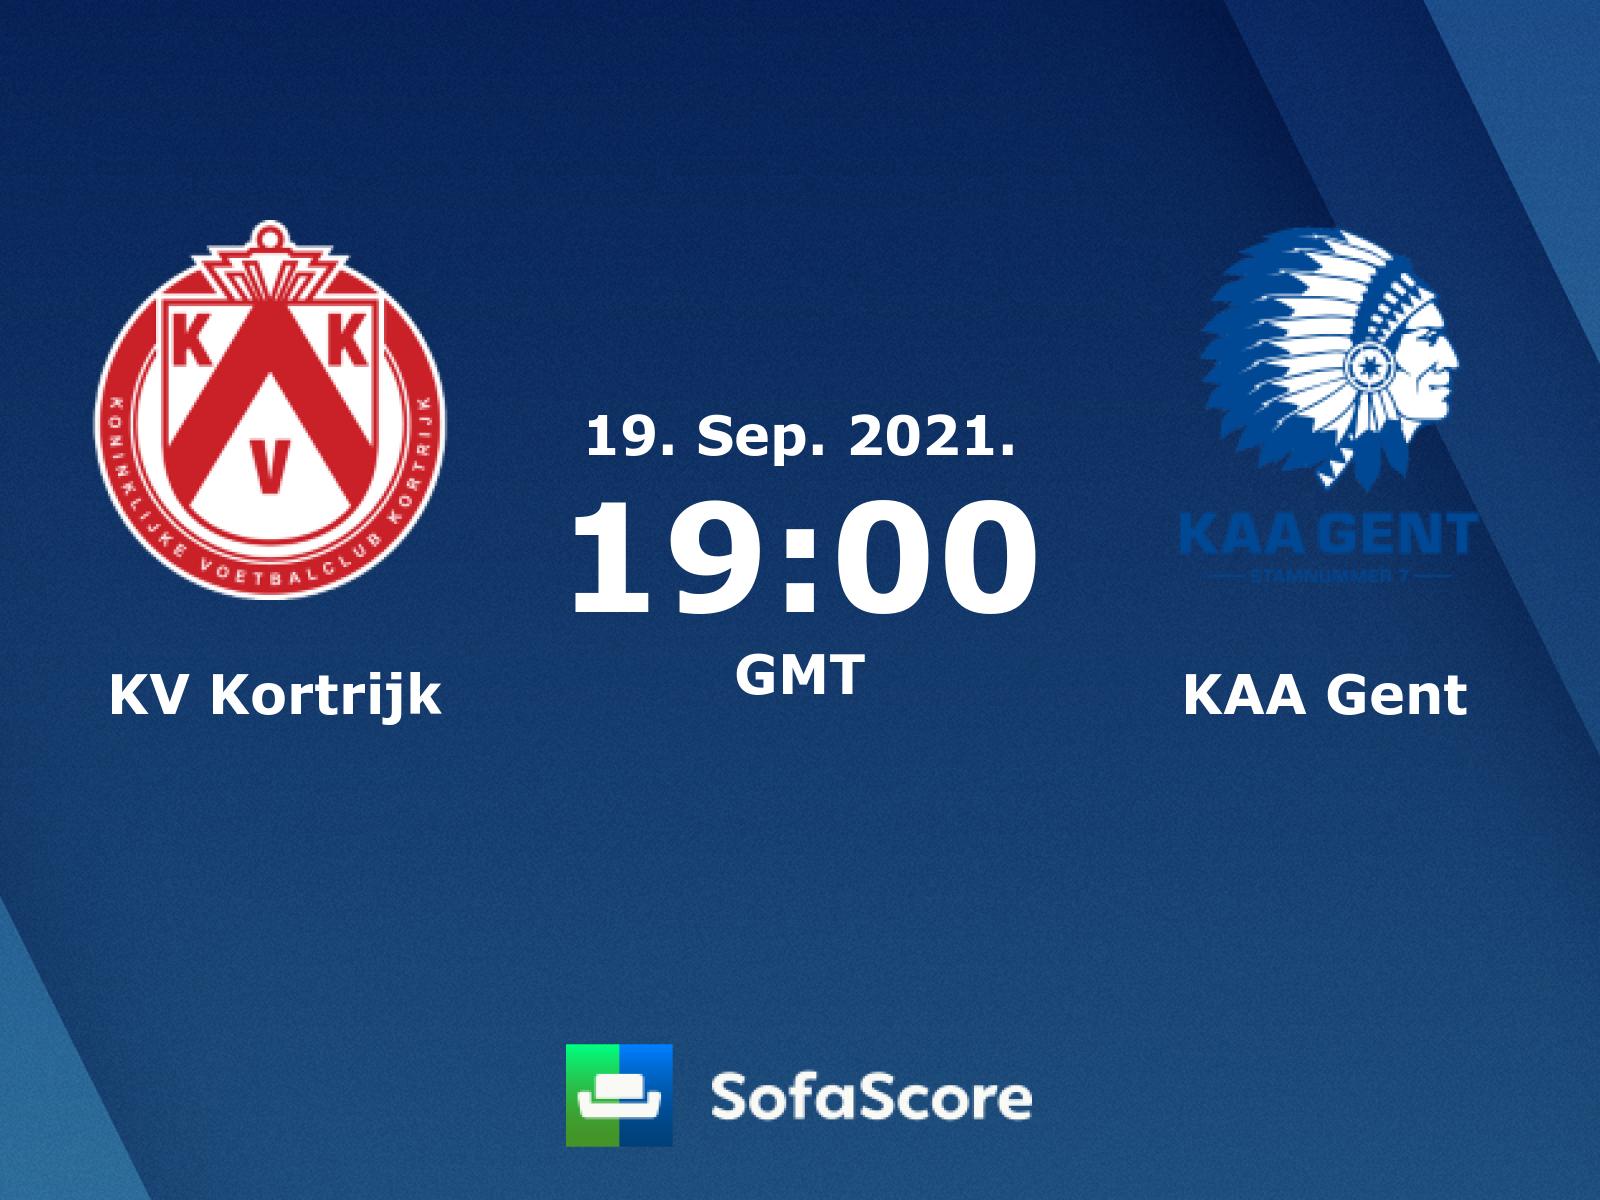 ~~LivE^*TV]]! Kortrijk vs Gent Live Stream Online